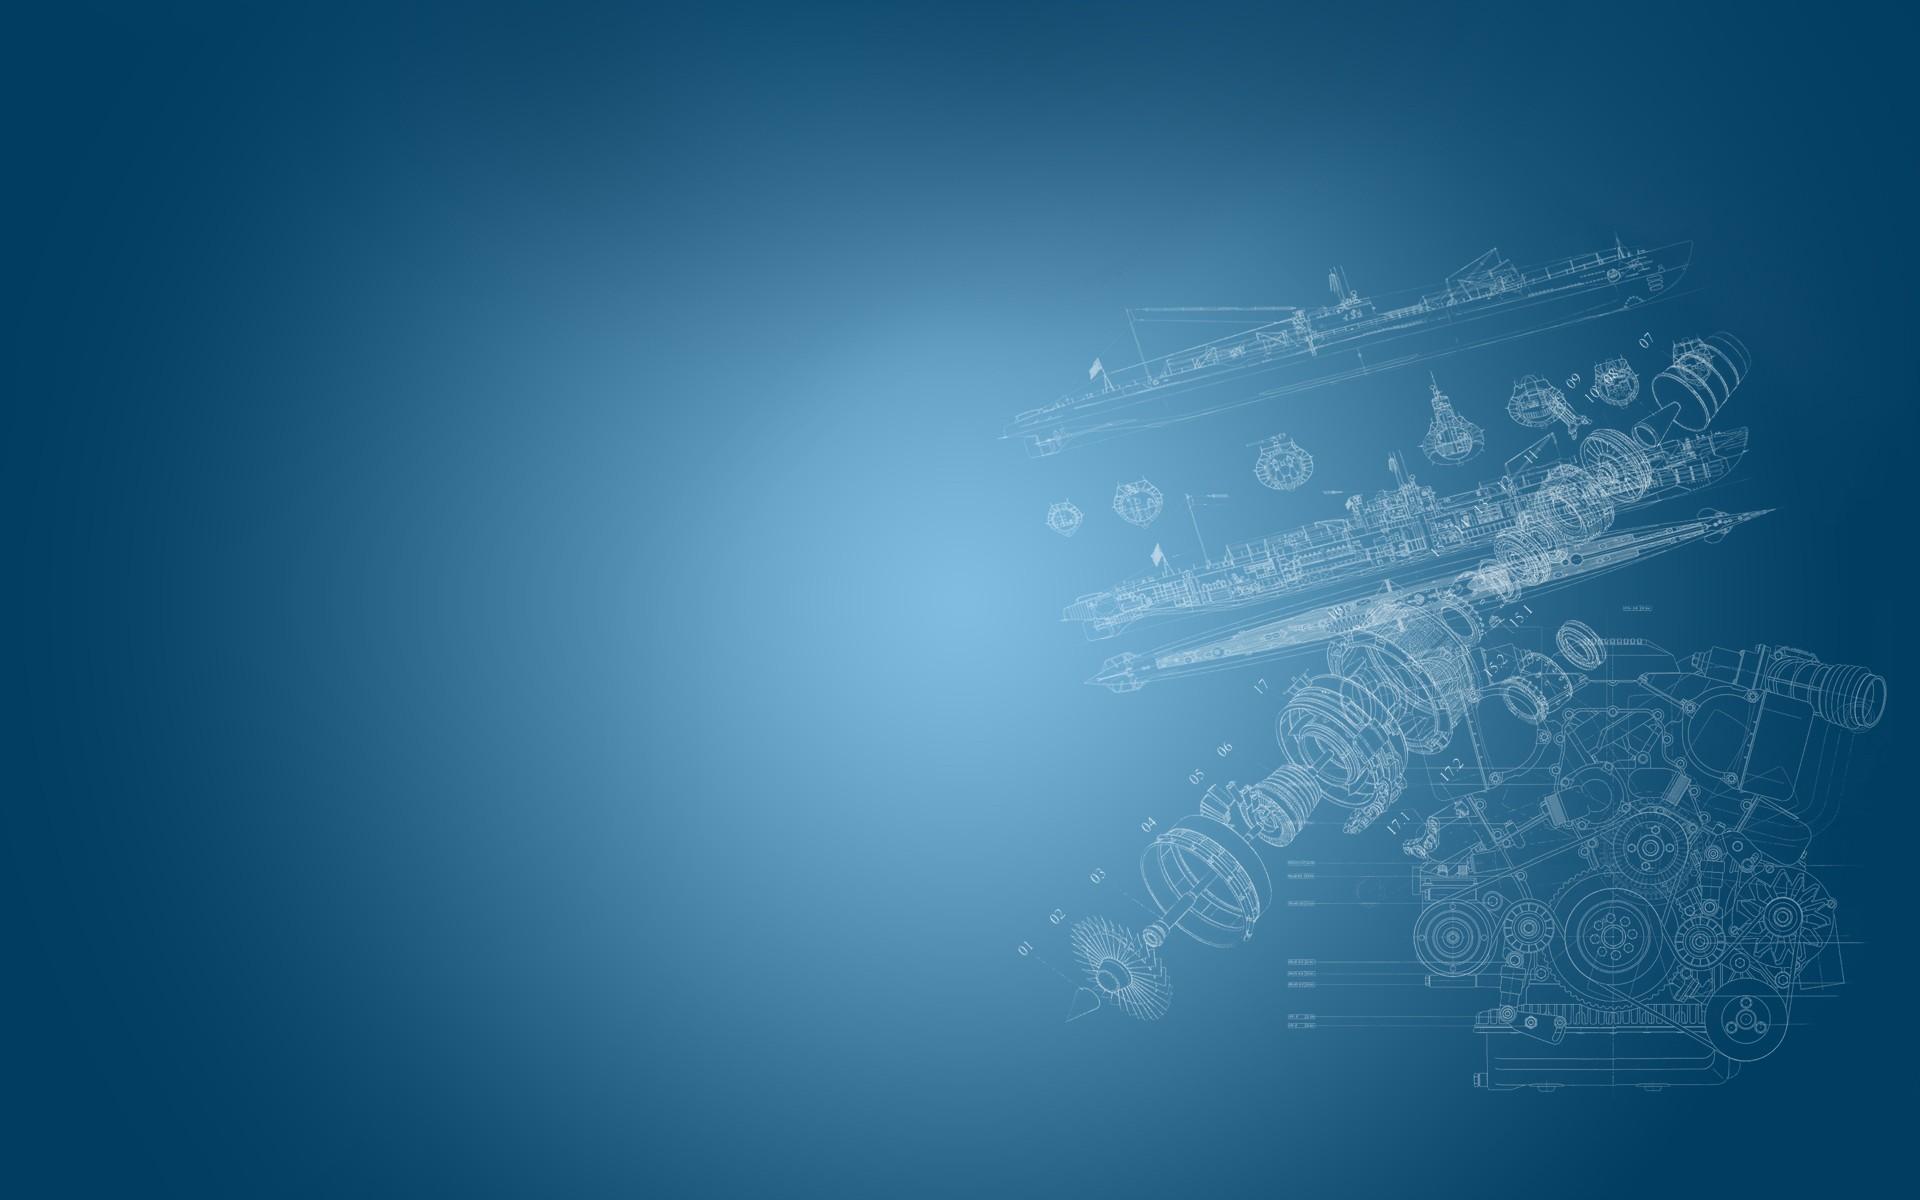 Fond D Ecran Lumiere Du Soleil Illustration Navire Fond Simple Ciel Texte Bleu Conception Graphique Cercle Atmosphere Les Moteurs Ingenierie Vague Ligne Capture D Ecran Papier Peint De L Ordinateur Atmosphere De La Terre